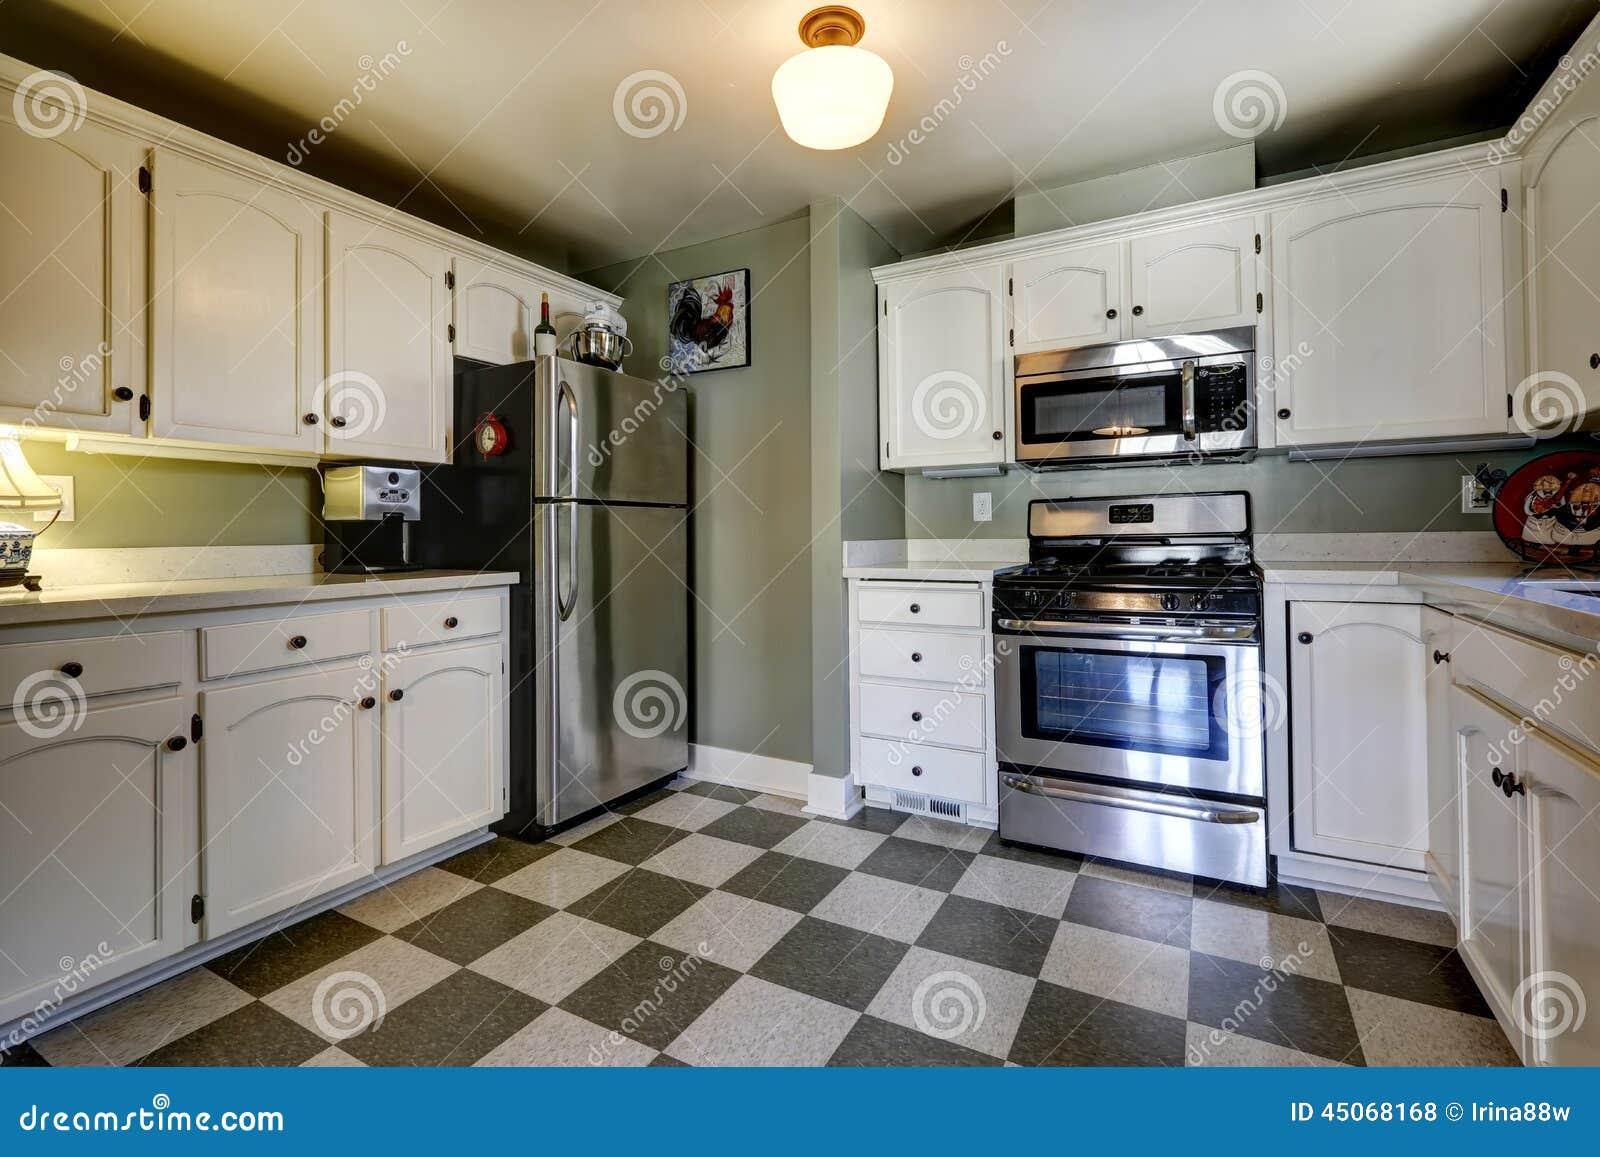 Charmant Cremefarbenen Küchenschränke Mit Schwarzen Geräten Bilder ...